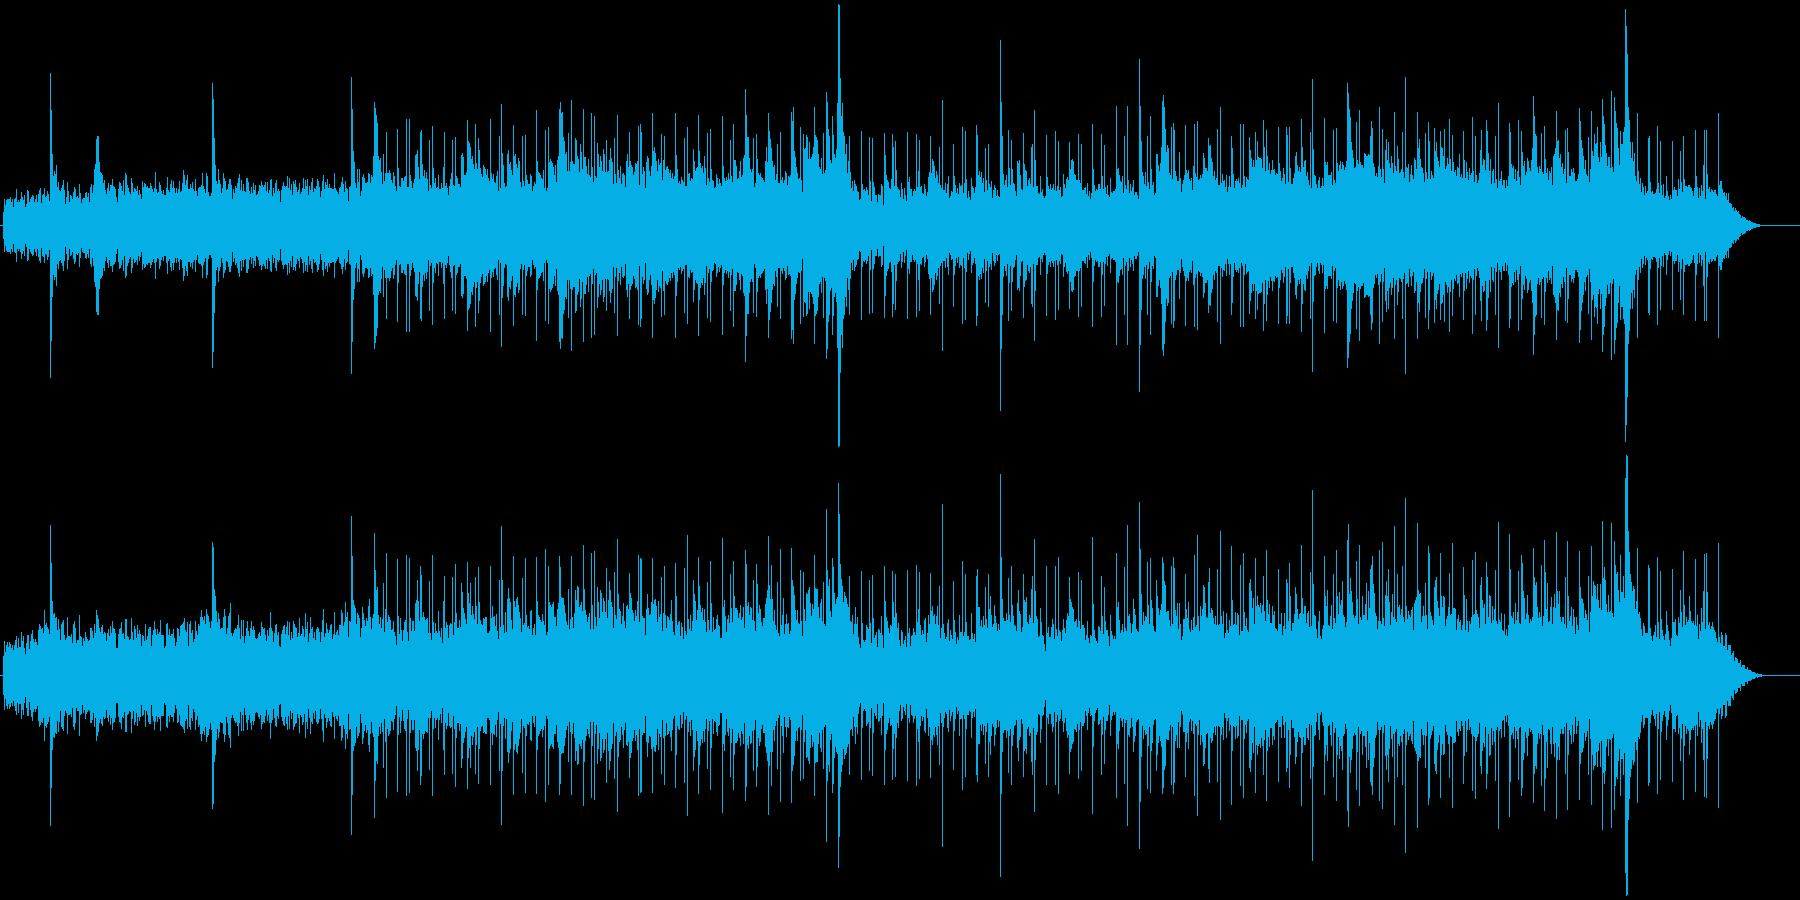 衛星(ビッグ・クレーター)の再生済みの波形